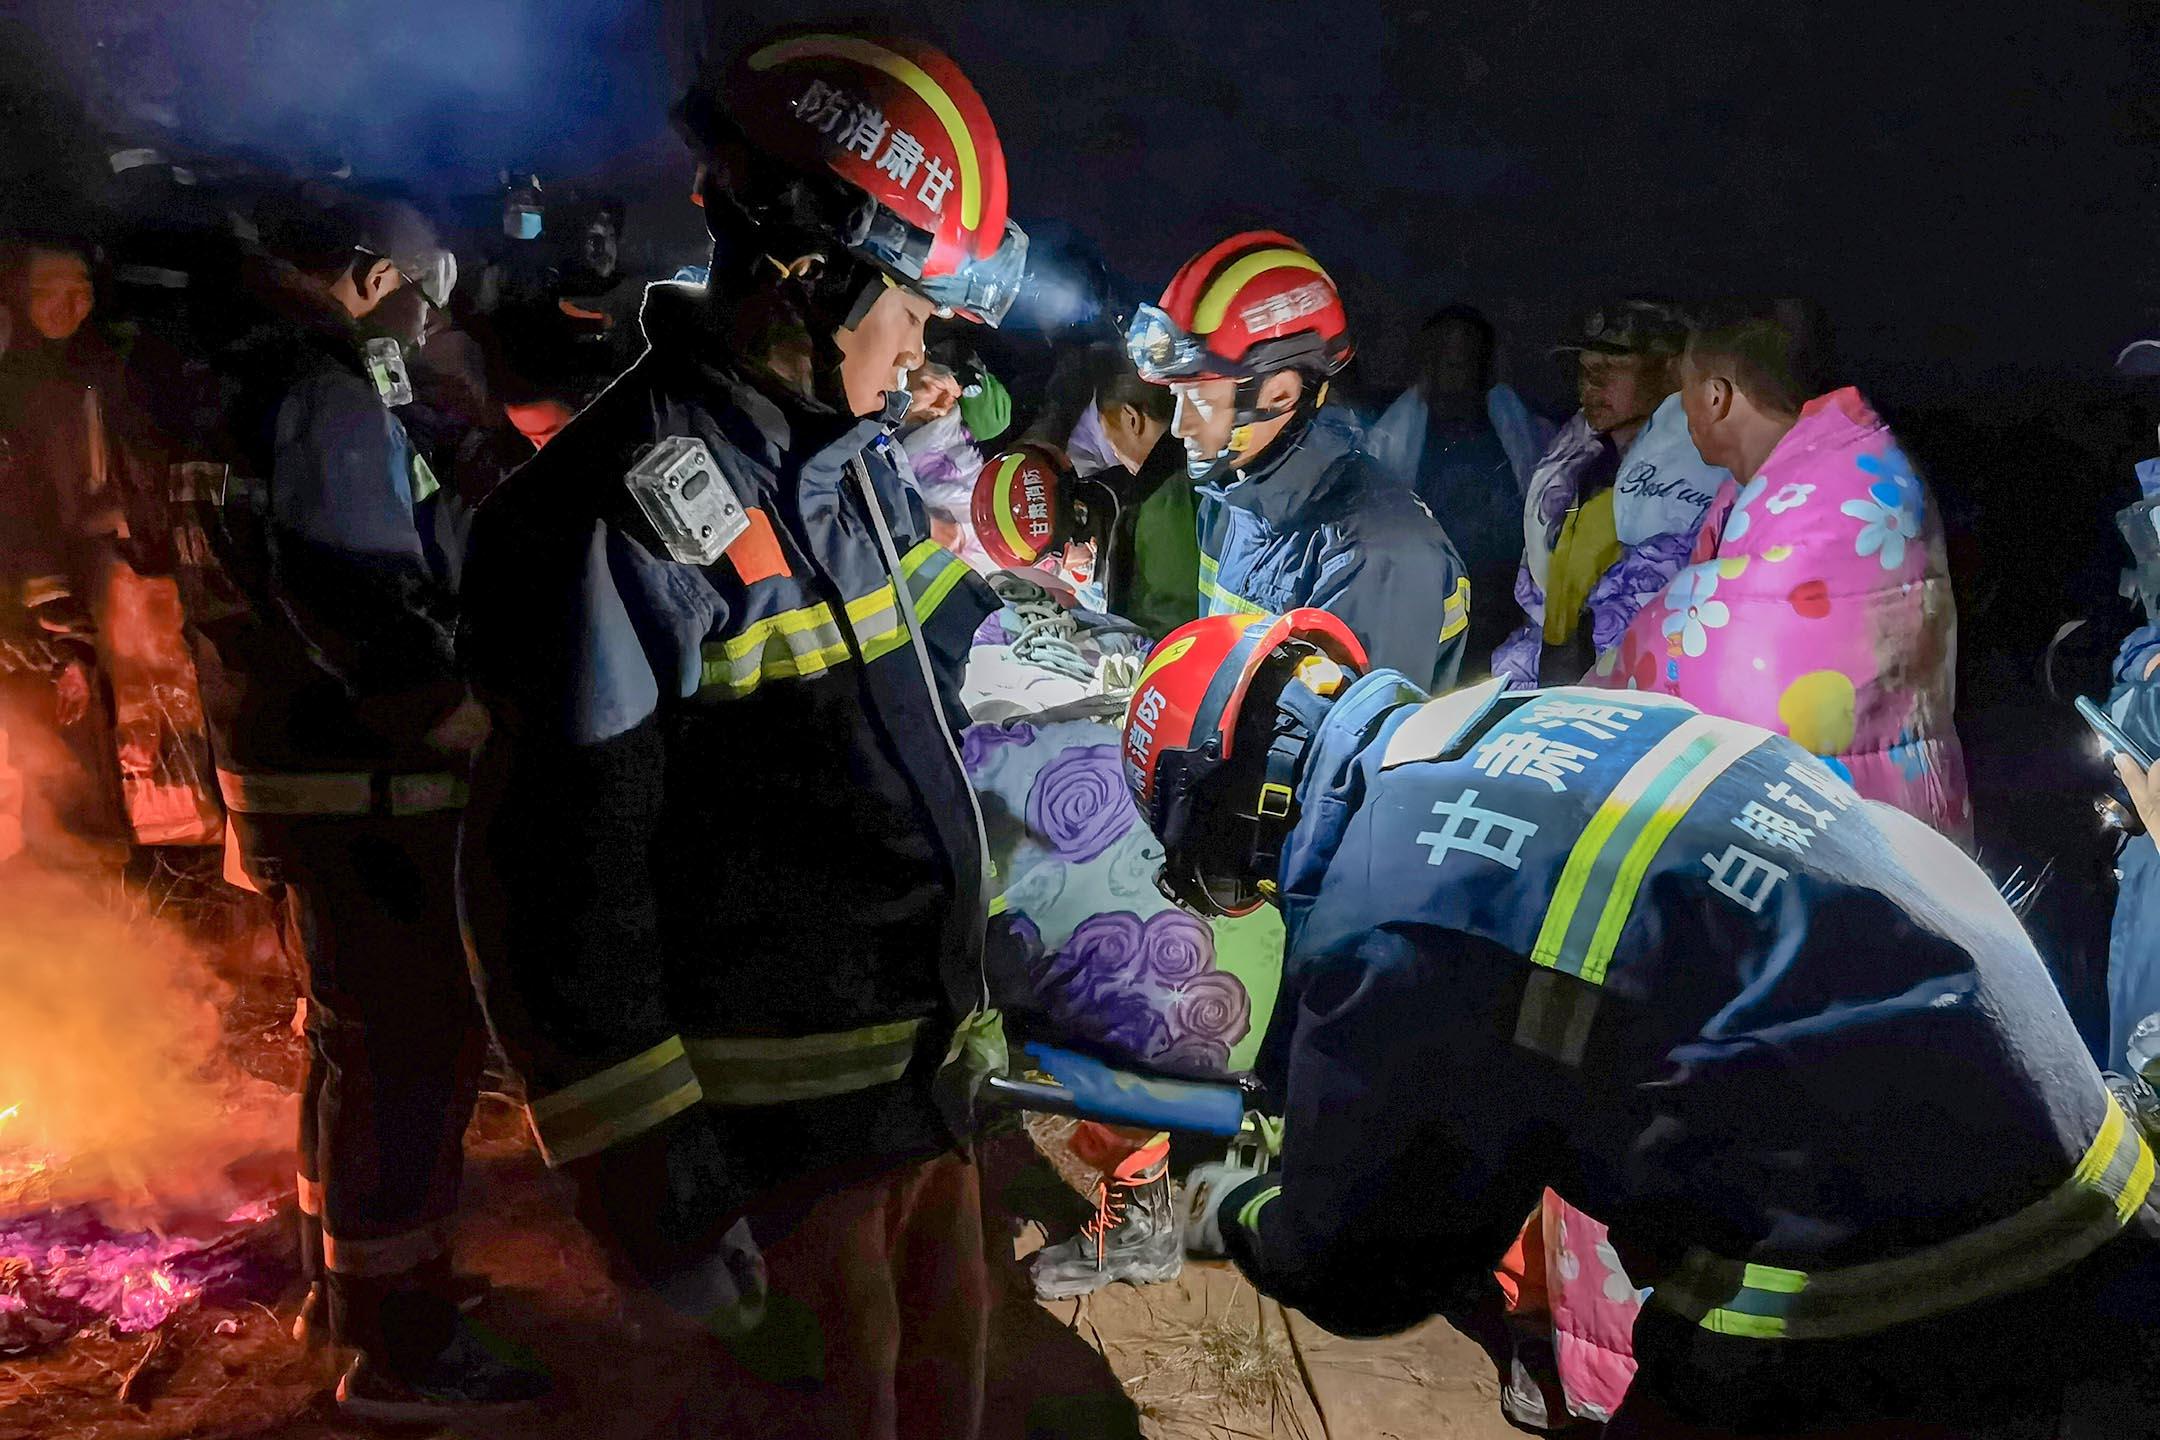 2021年5月22日中國甘肅省白銀市,馬拉松參賽者遇到極端寒冷的天氣,救援人員在場搶救。 圖:cnsphoto via Reuters/達志影像